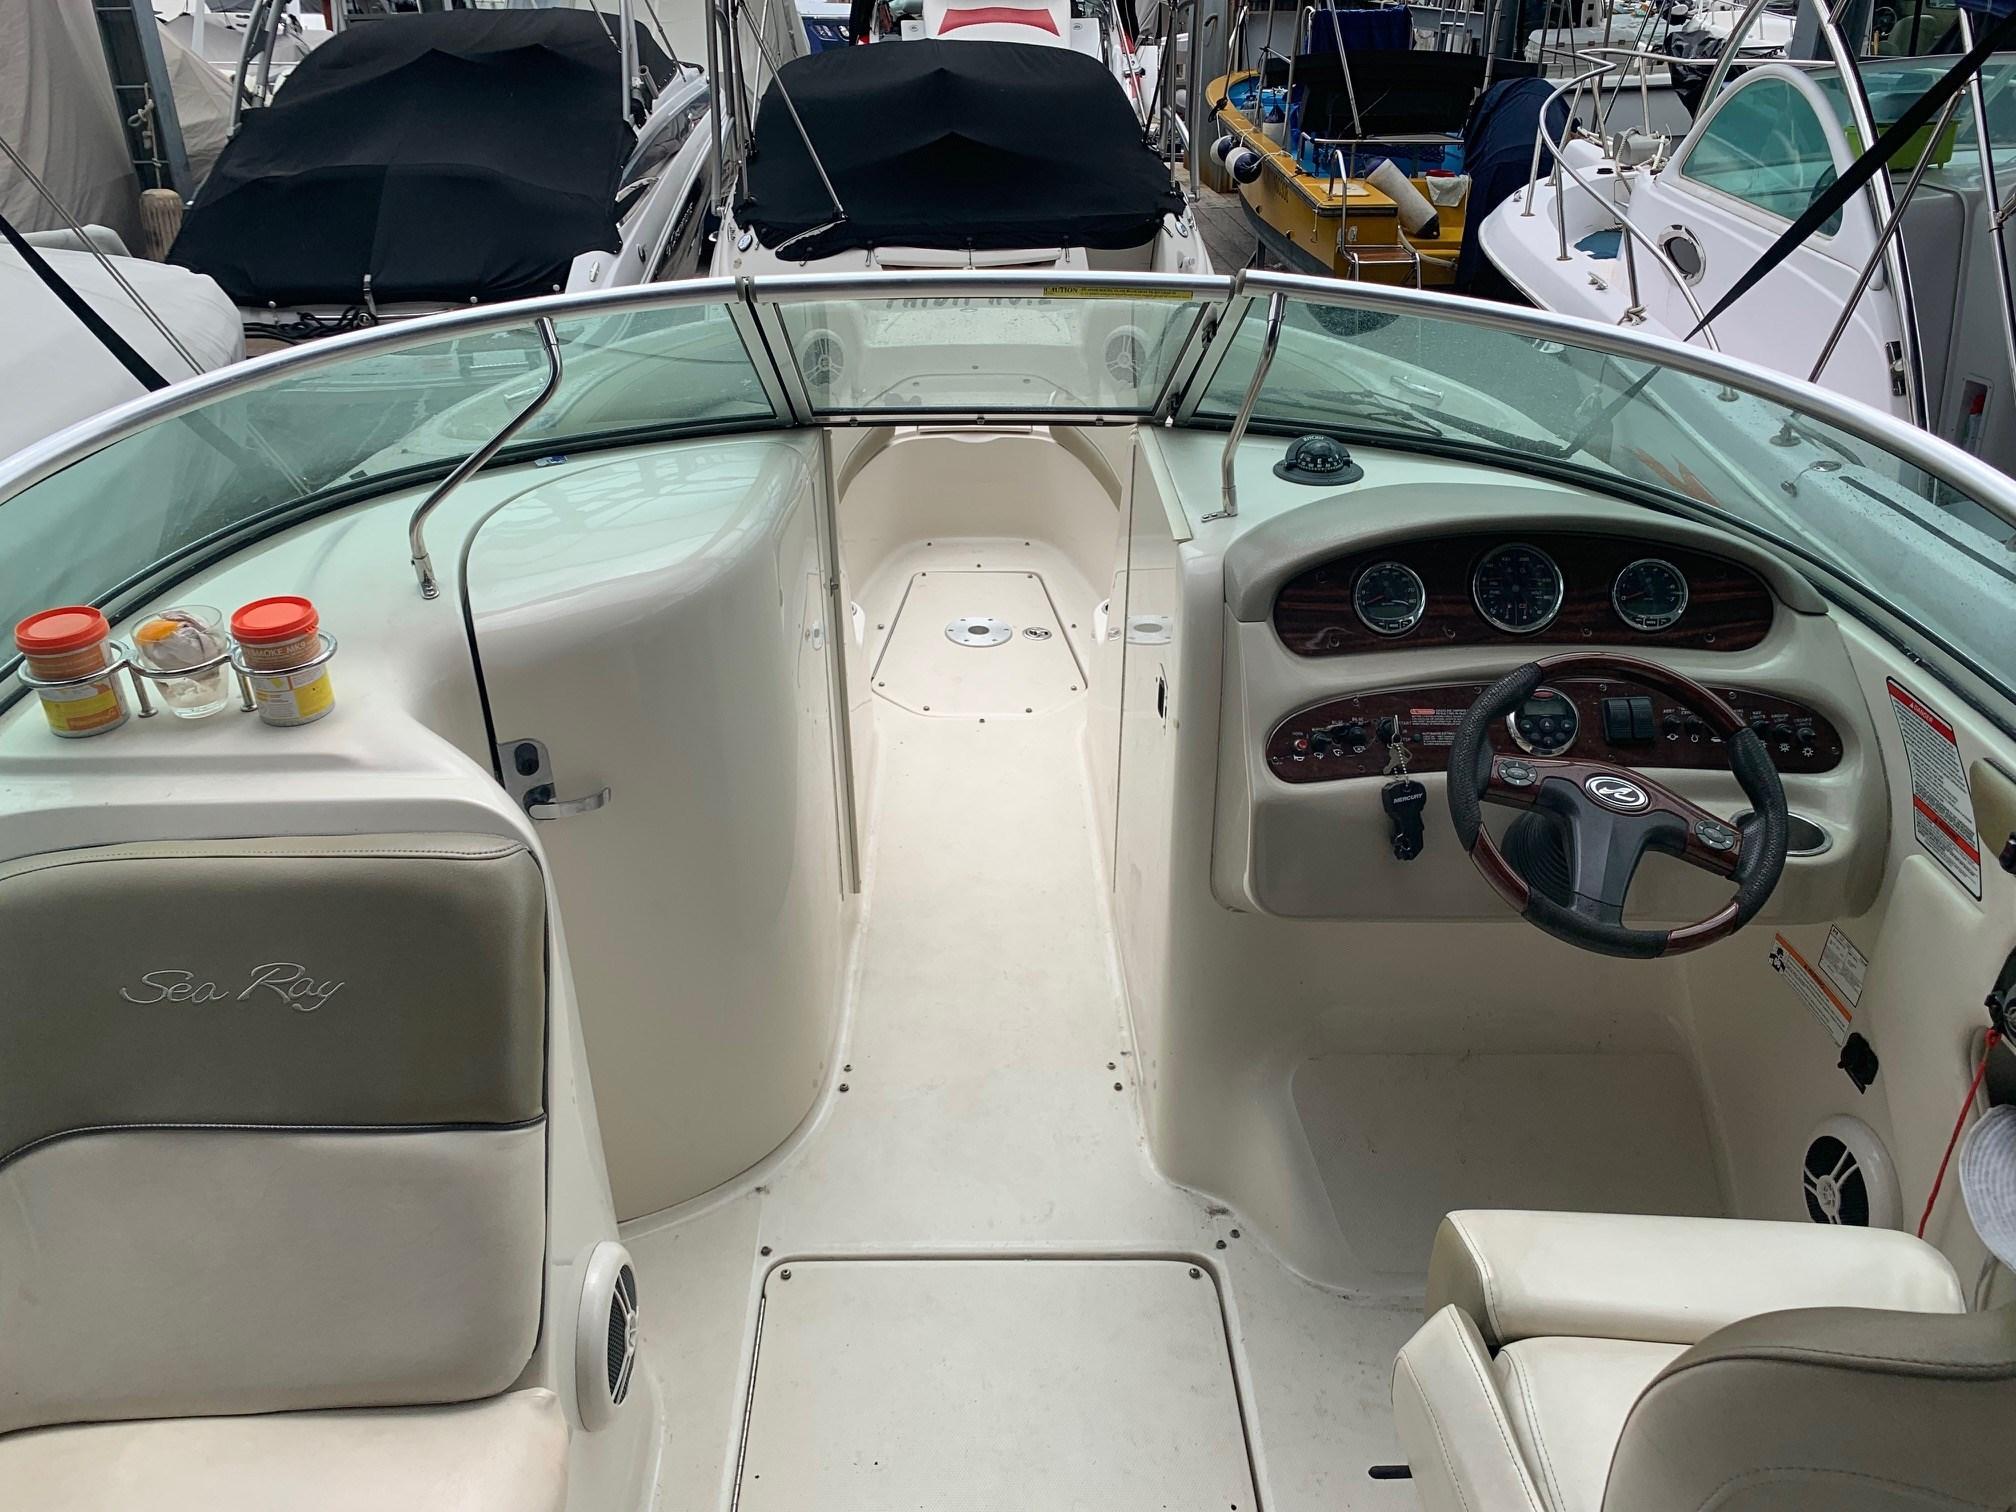 Sea Ray 240 Sundeck Cockpit